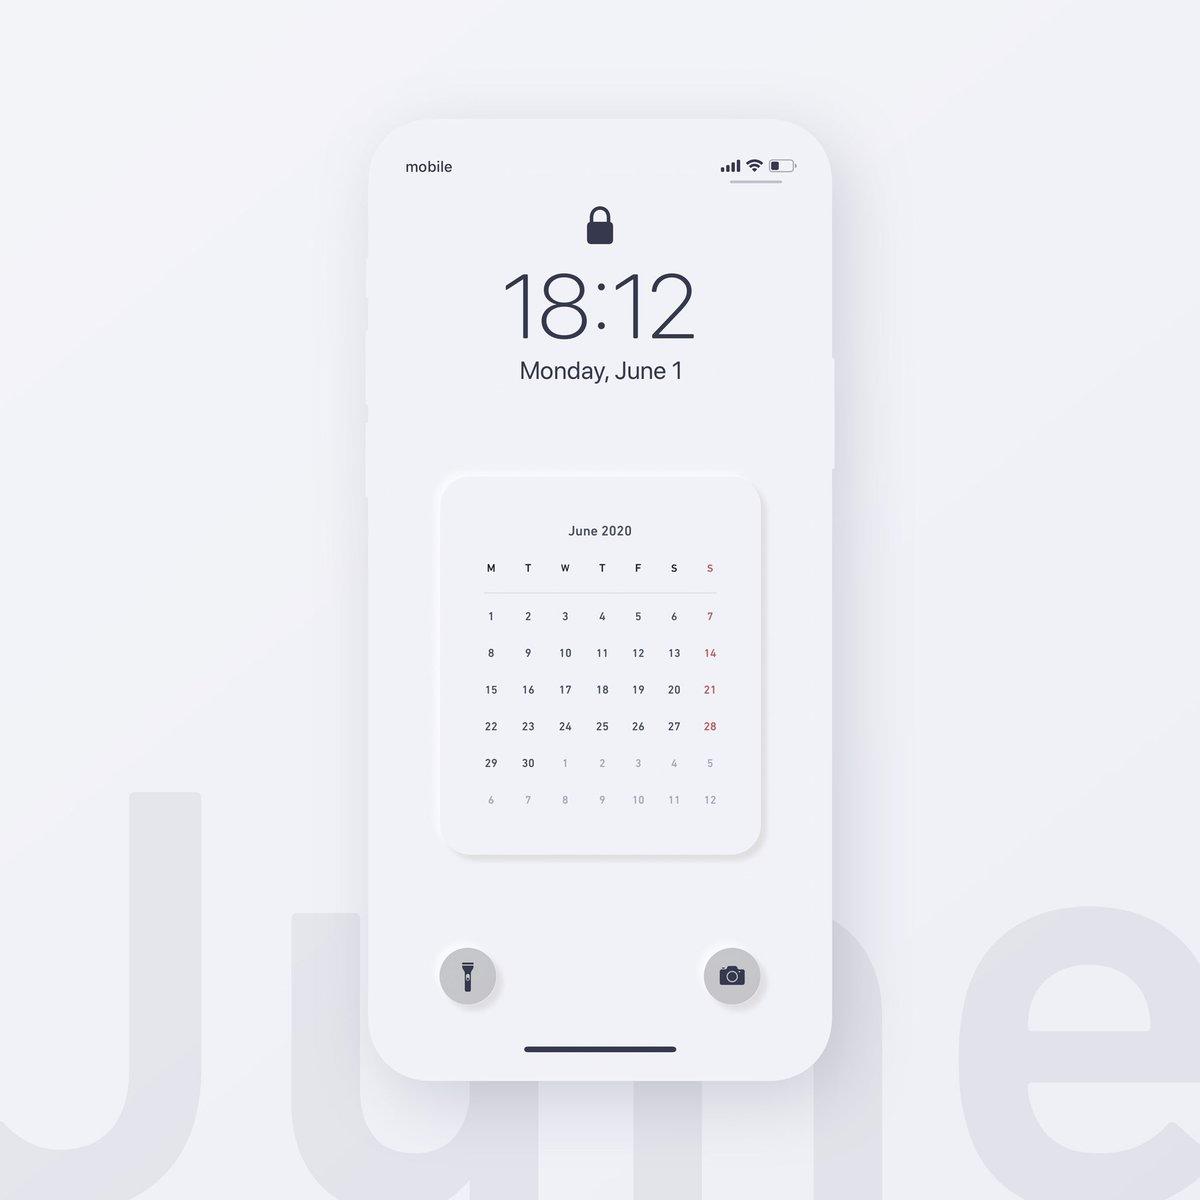 フジタユウト ユトログ 年6月 Iphone壁紙 ミニマルなiphone用ロック画面壁紙を作りました 対応機種はiphone 6 Iphone 6s Iphone 7 Iphone 8 Iphone Se 第2世代 Iphone X Iphone Xs Iphone Xr